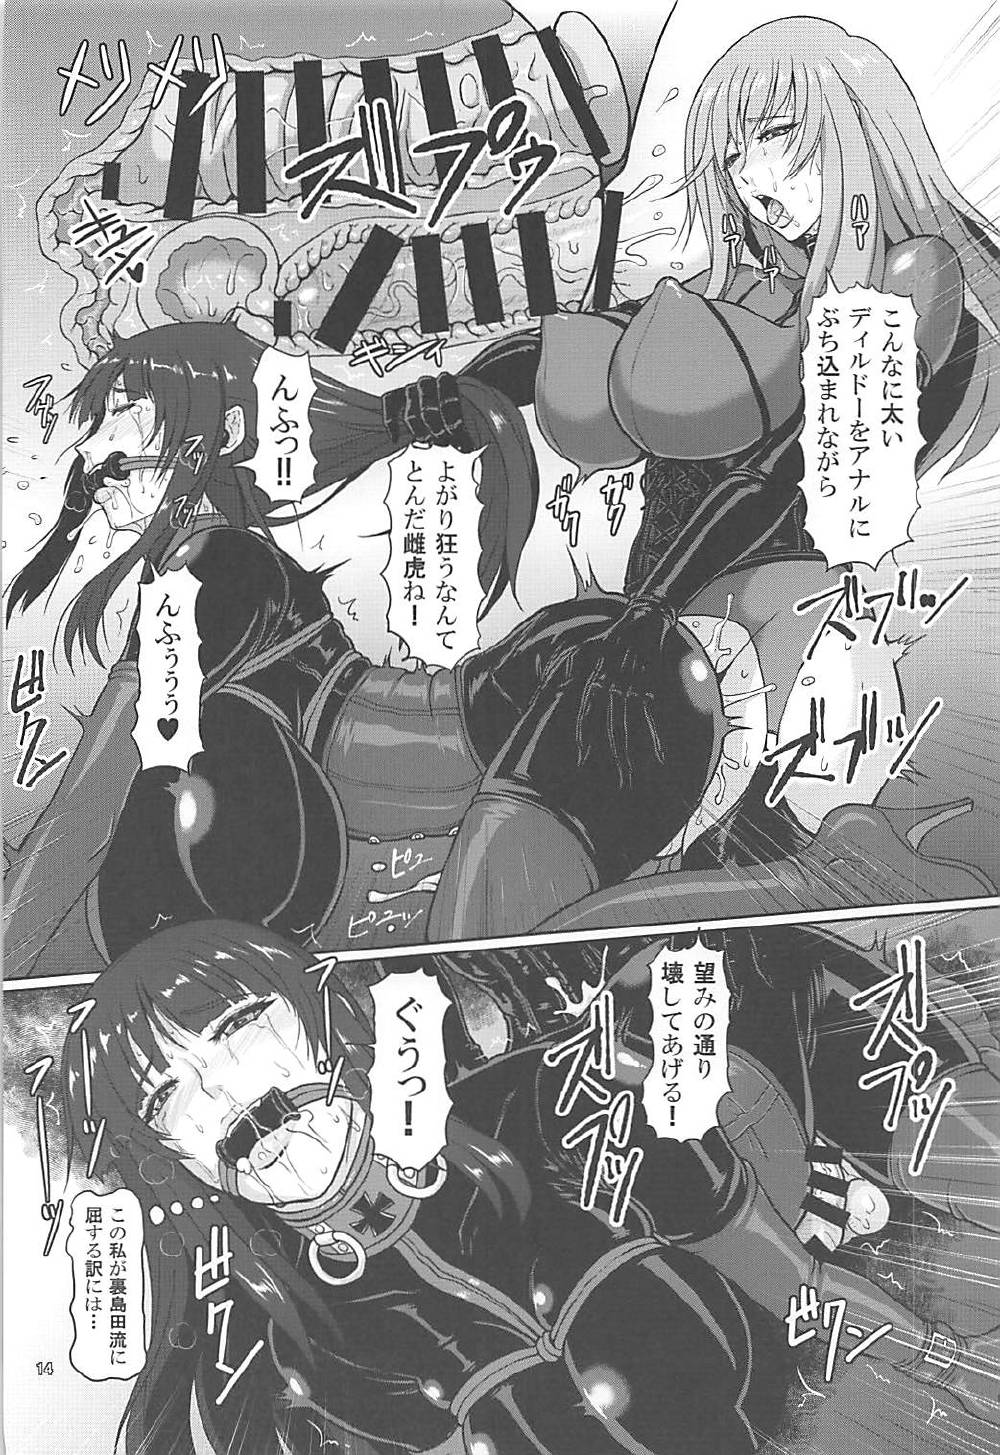 【エロ漫画】ふたなり人妻×ふたなり人妻のSMプレイ なんだこの濃いフェチズムは・・・たまげたなぁ